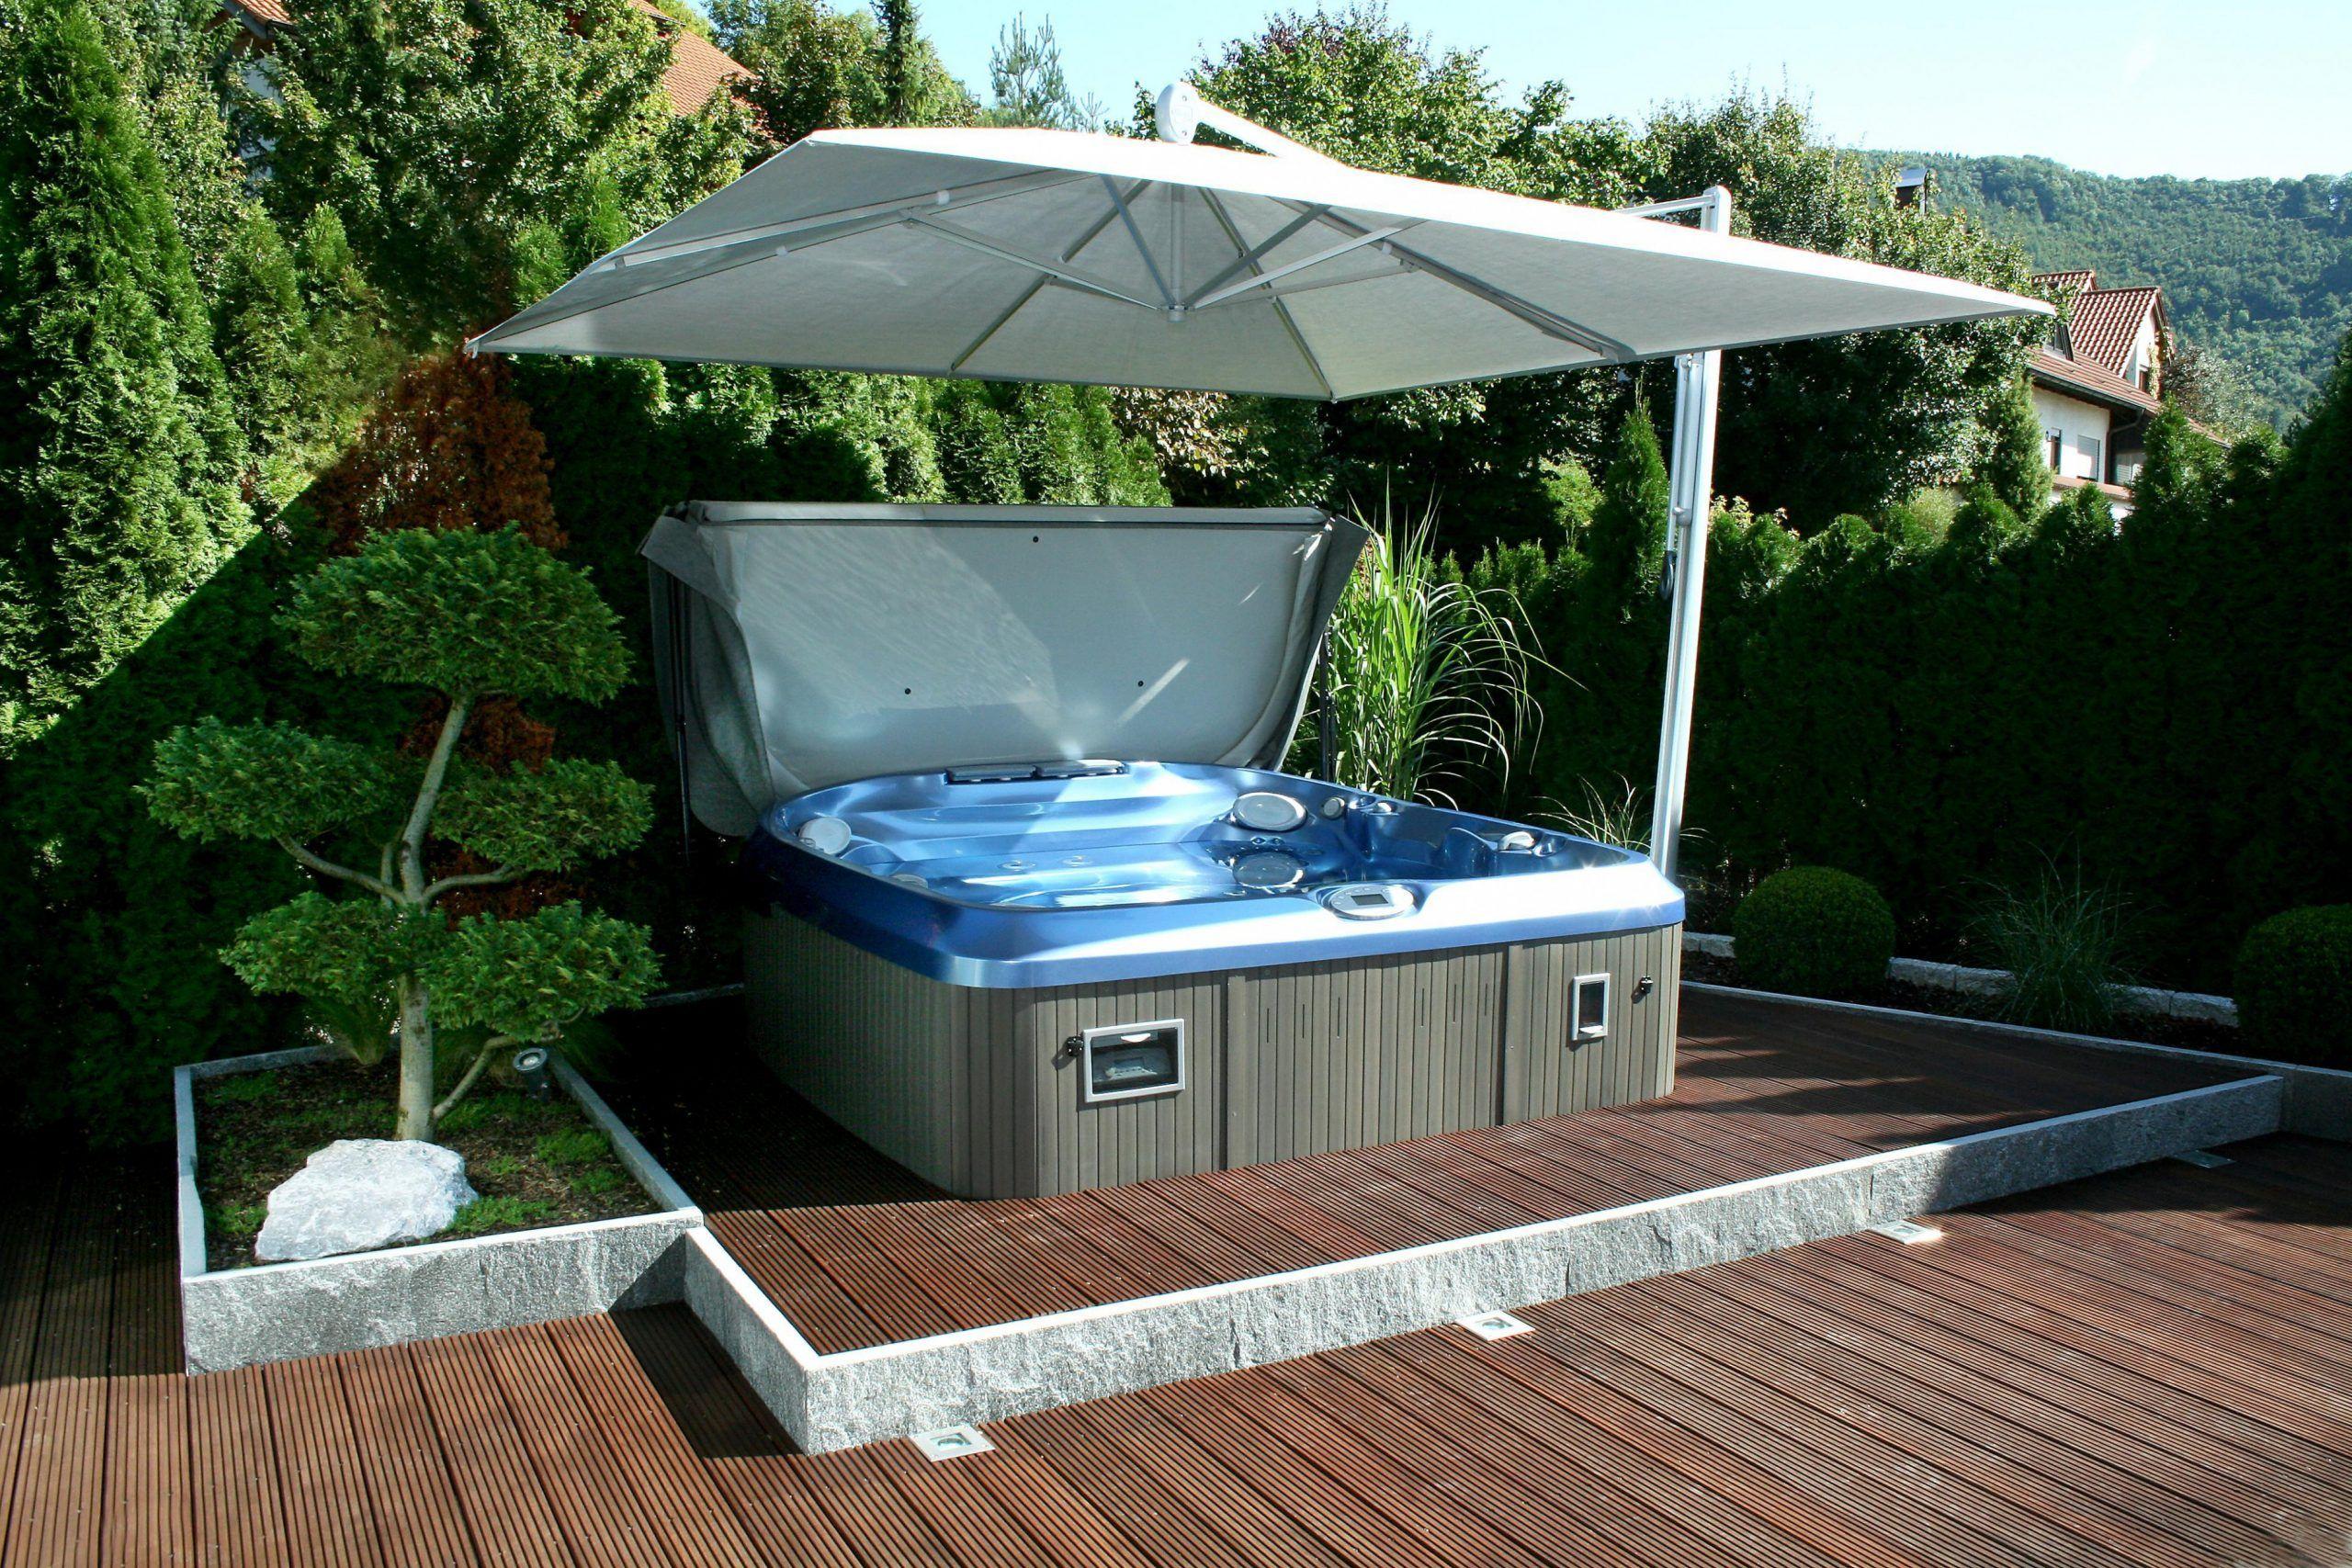 Whirlpool Garten Hot Tub Outdoor Jacuzzi Outdoor Patio Umbrella